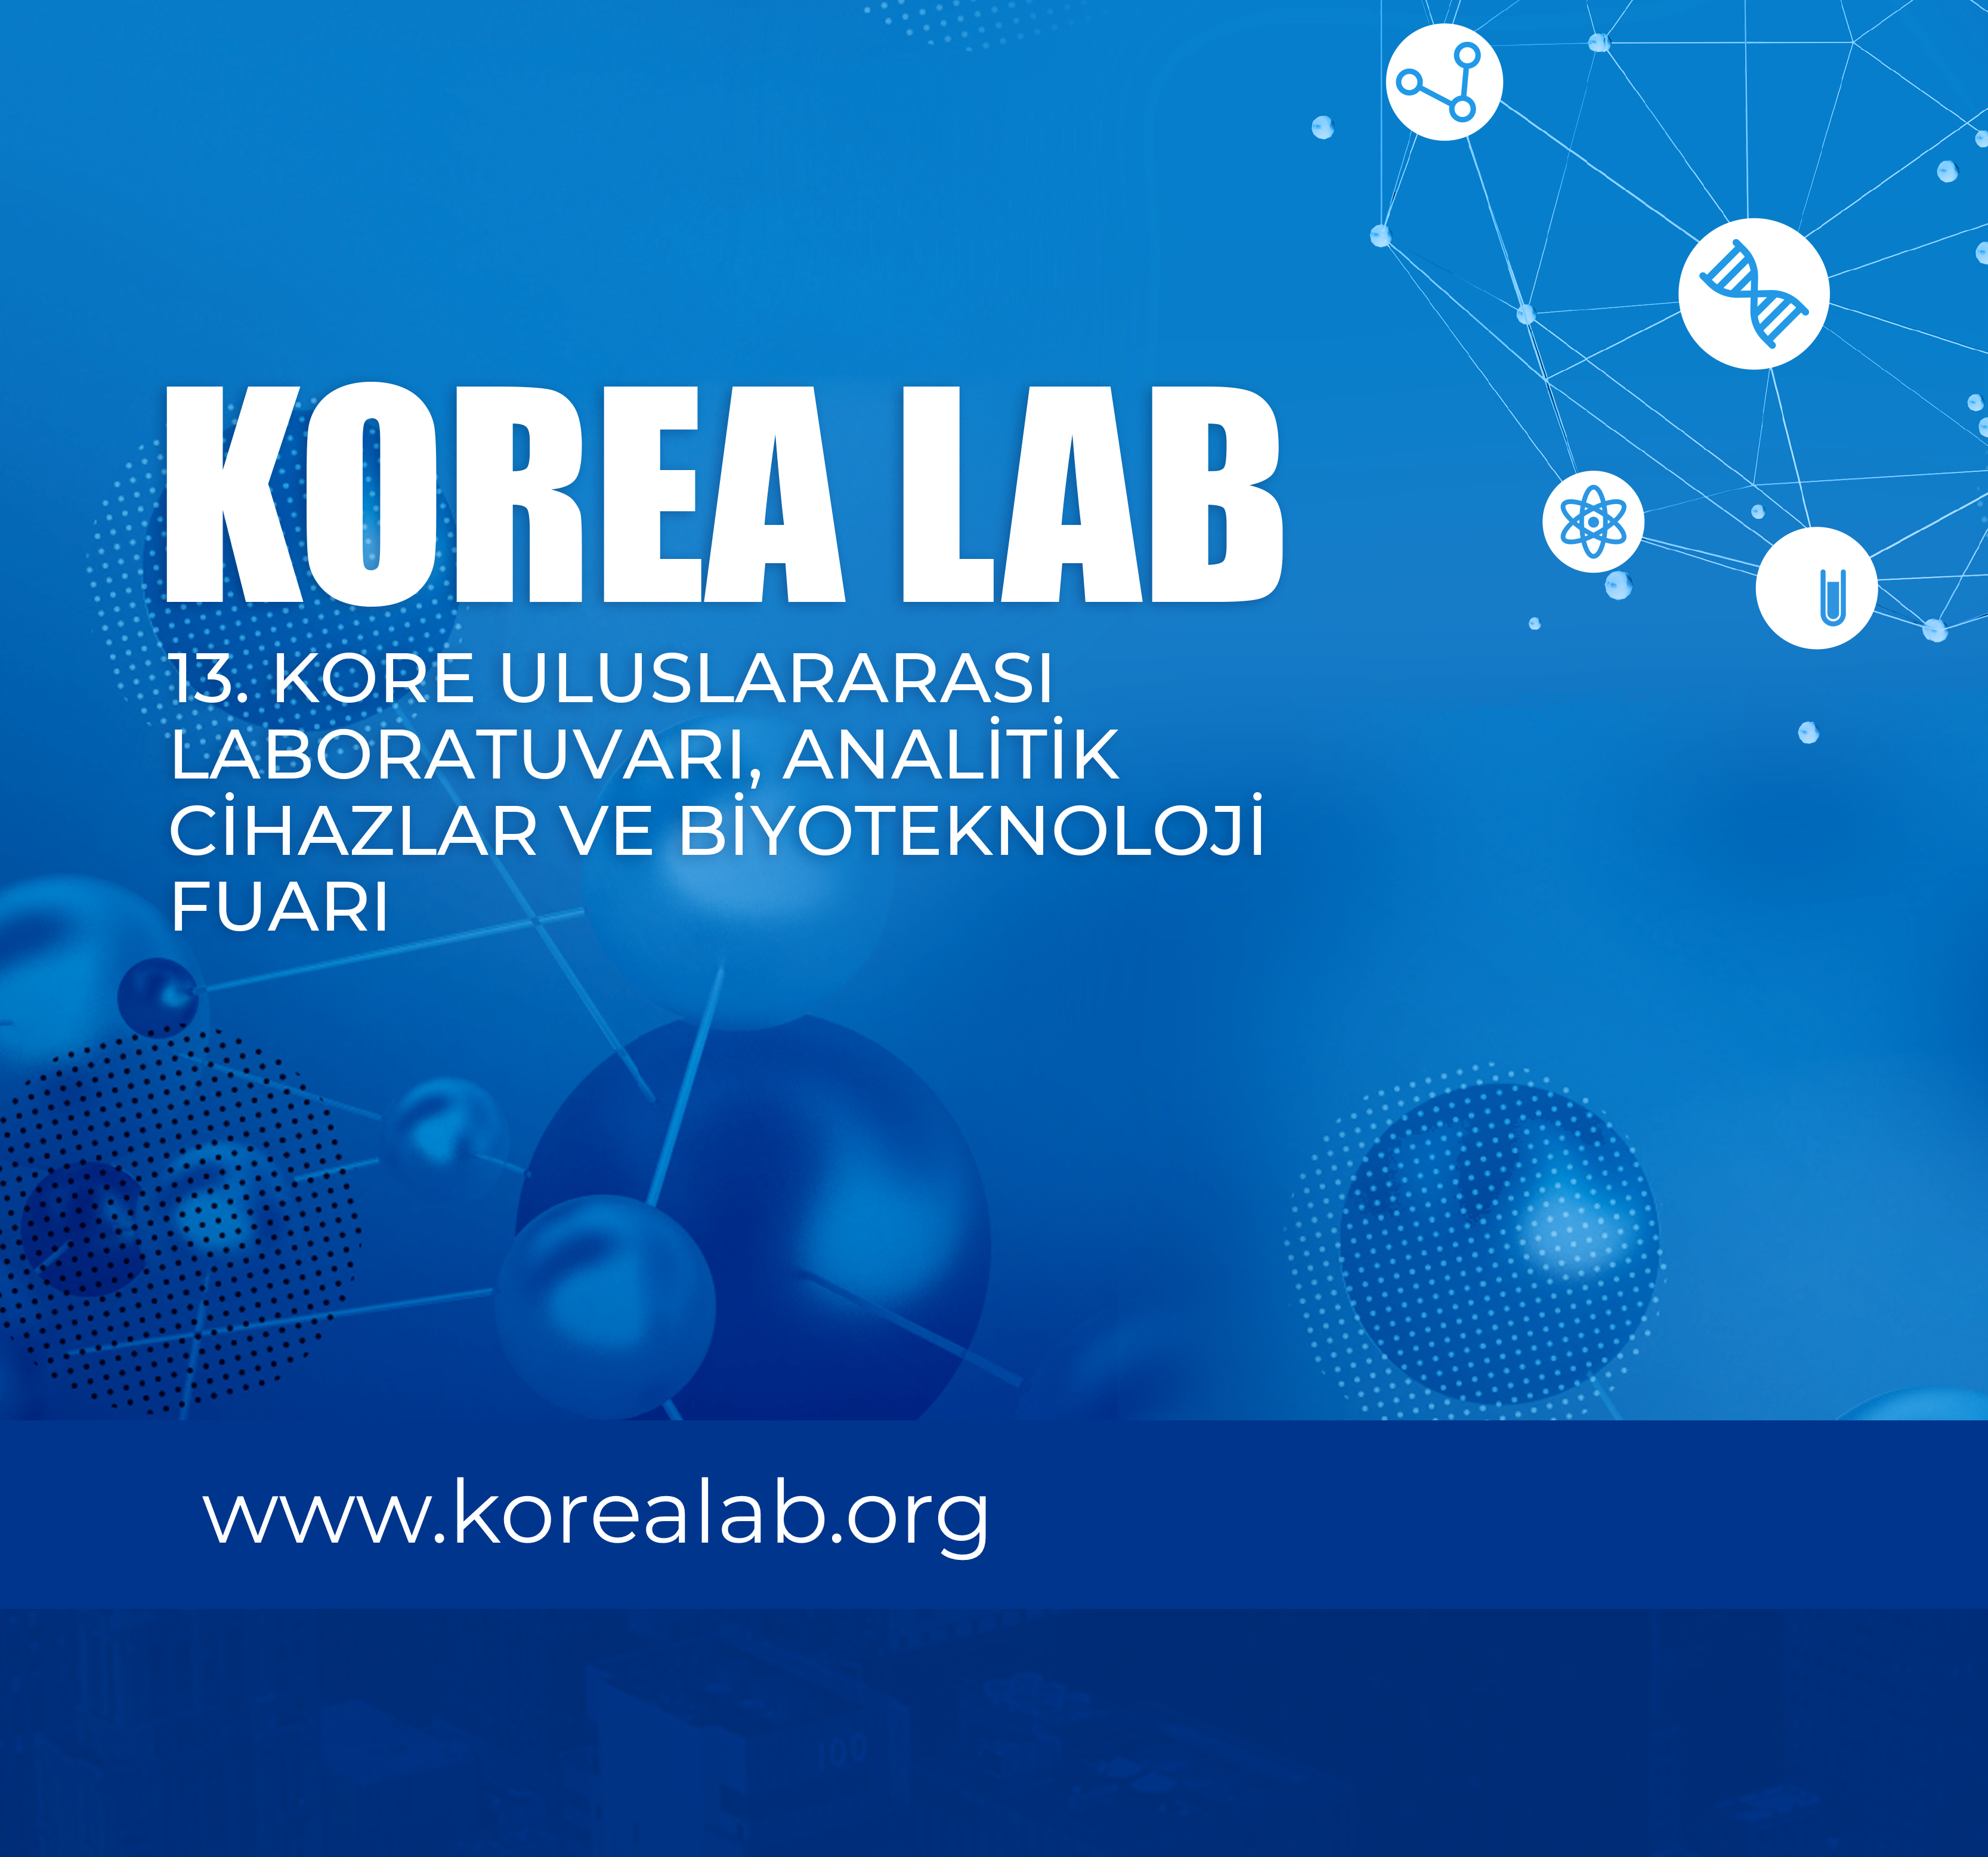 KOREALAB